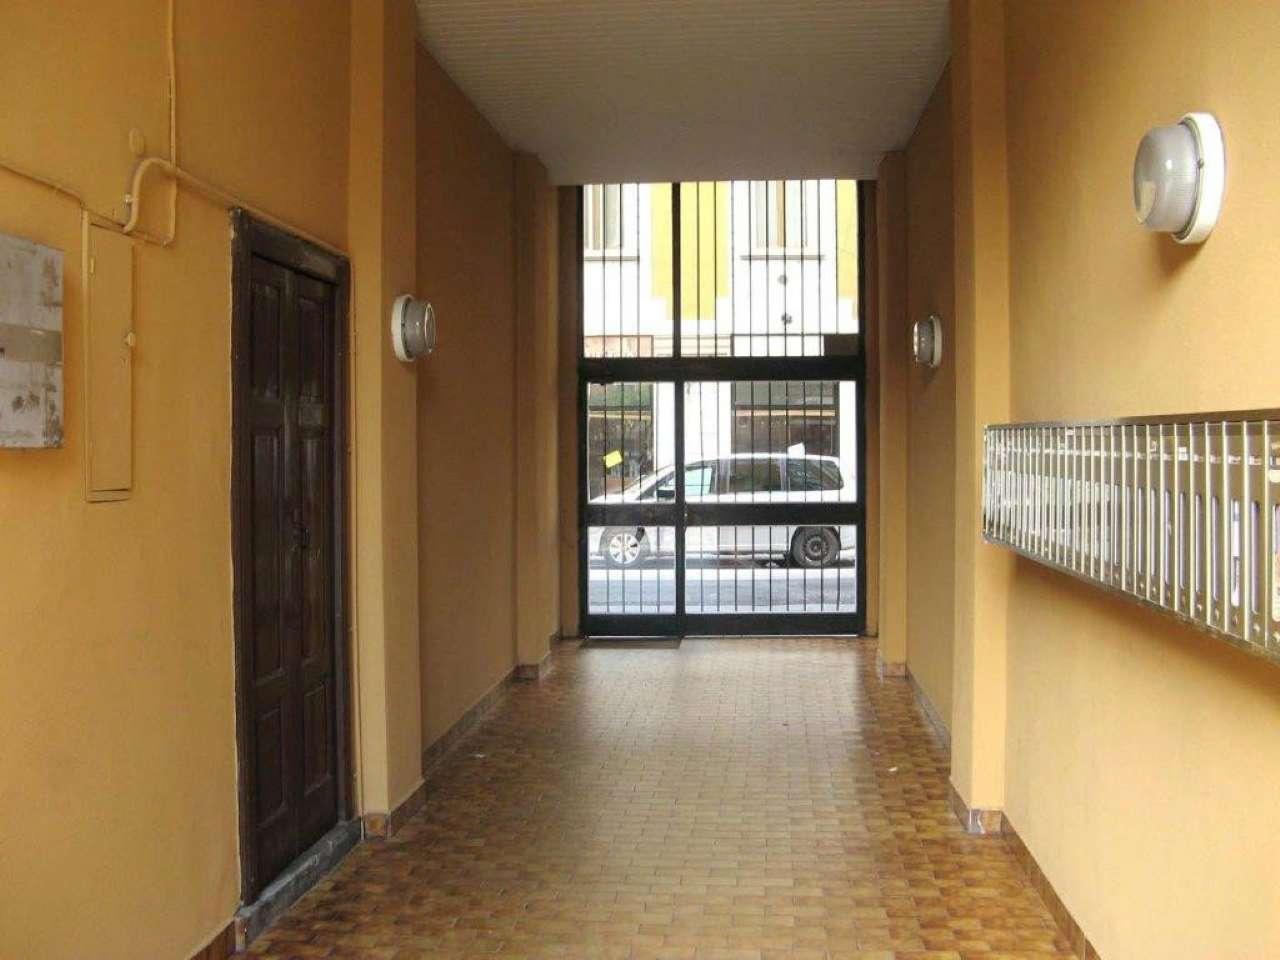 Magazzino in vendita a Sesto San Giovanni, 2 locali, prezzo € 40.000 | Cambio Casa.it